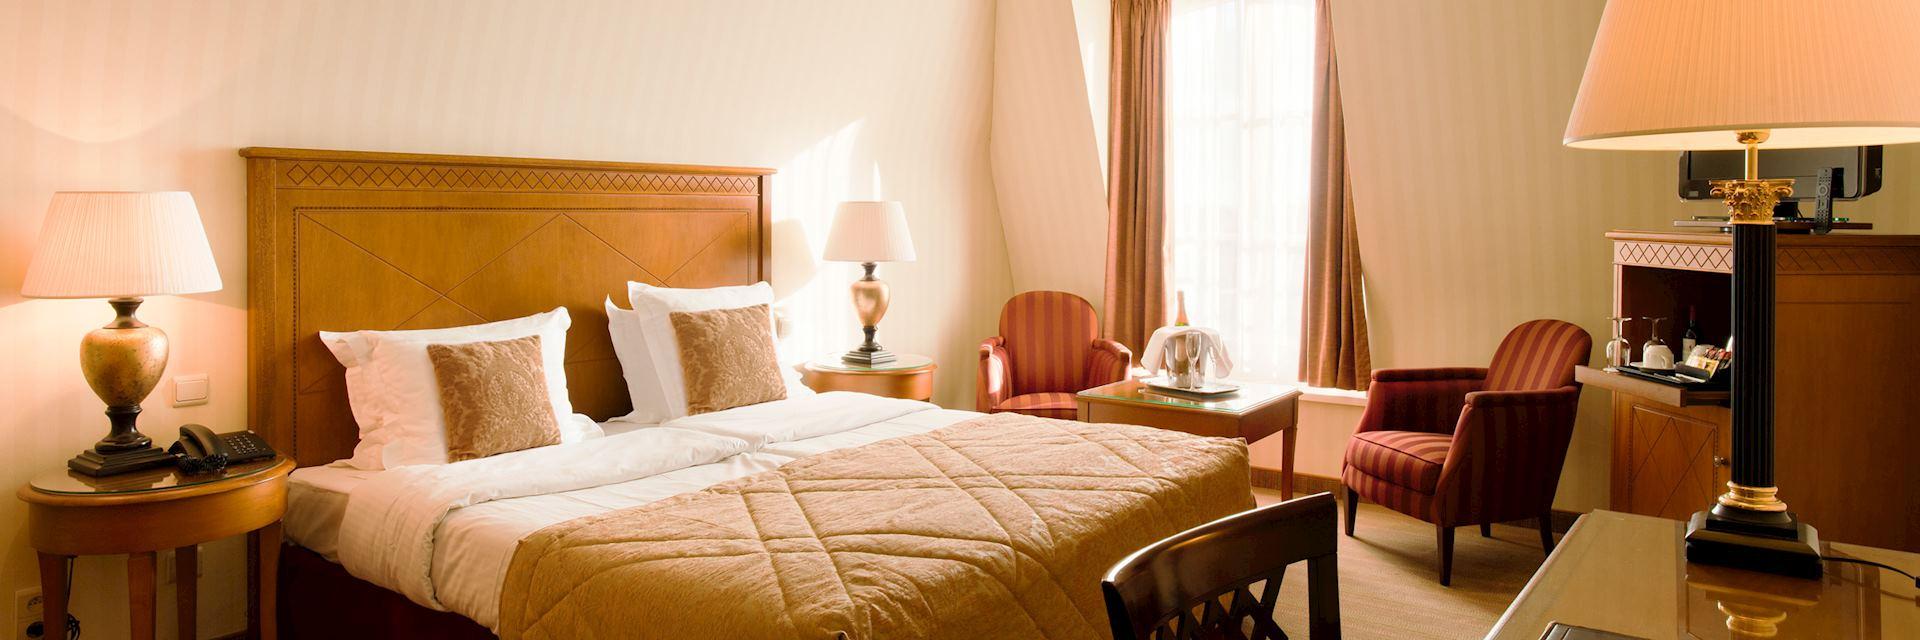 Hotel The Pellaert